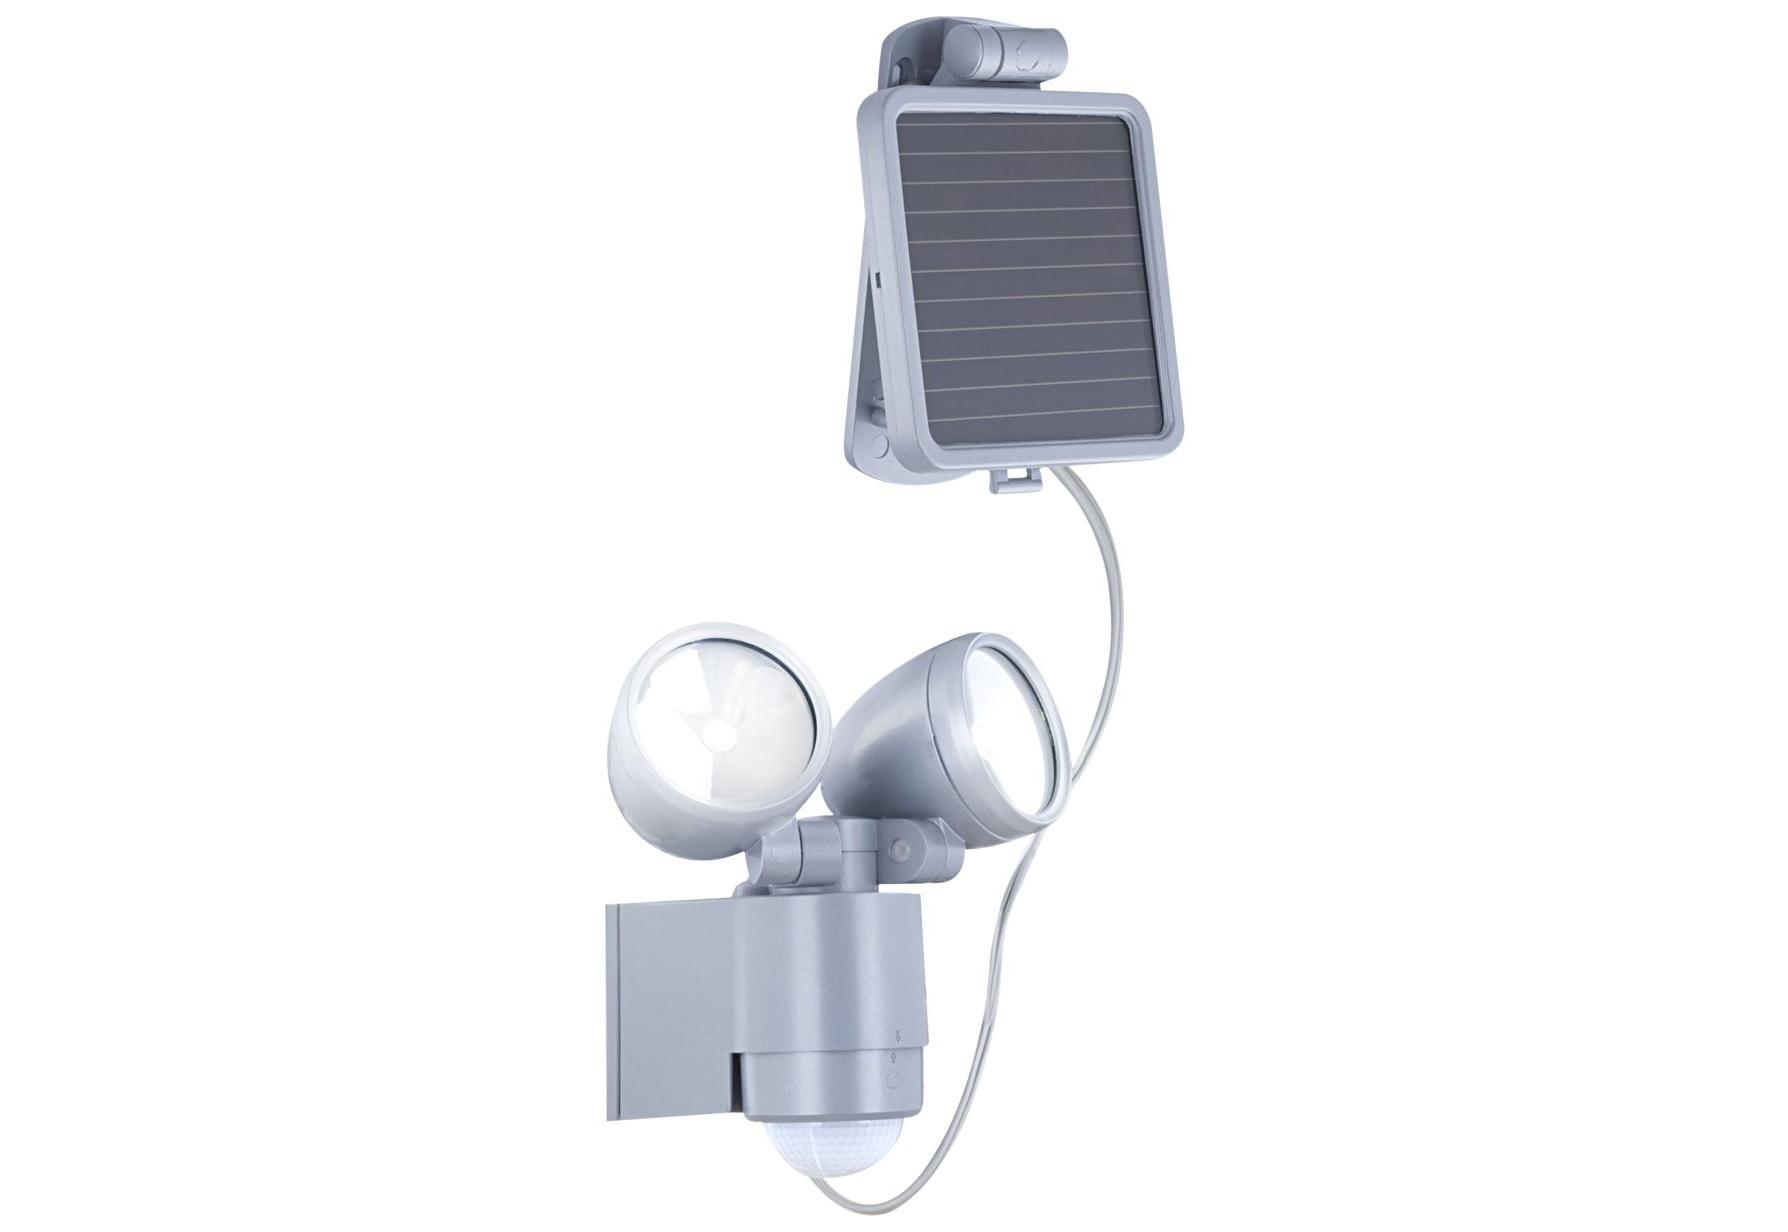 Светильник настенныйУличные настенные светильники<br>&amp;lt;div&amp;gt;&amp;lt;div&amp;gt;Вид цоколя: LED&amp;lt;/div&amp;gt;&amp;lt;div&amp;gt;Мощность лампы: 1W&amp;lt;/div&amp;gt;&amp;lt;div&amp;gt;Количество ламп: 2&amp;lt;/div&amp;gt;&amp;lt;/div&amp;gt;<br><br>Material: Пластик<br>Ширина см: 15<br>Высота см: 18<br>Глубина см: 15